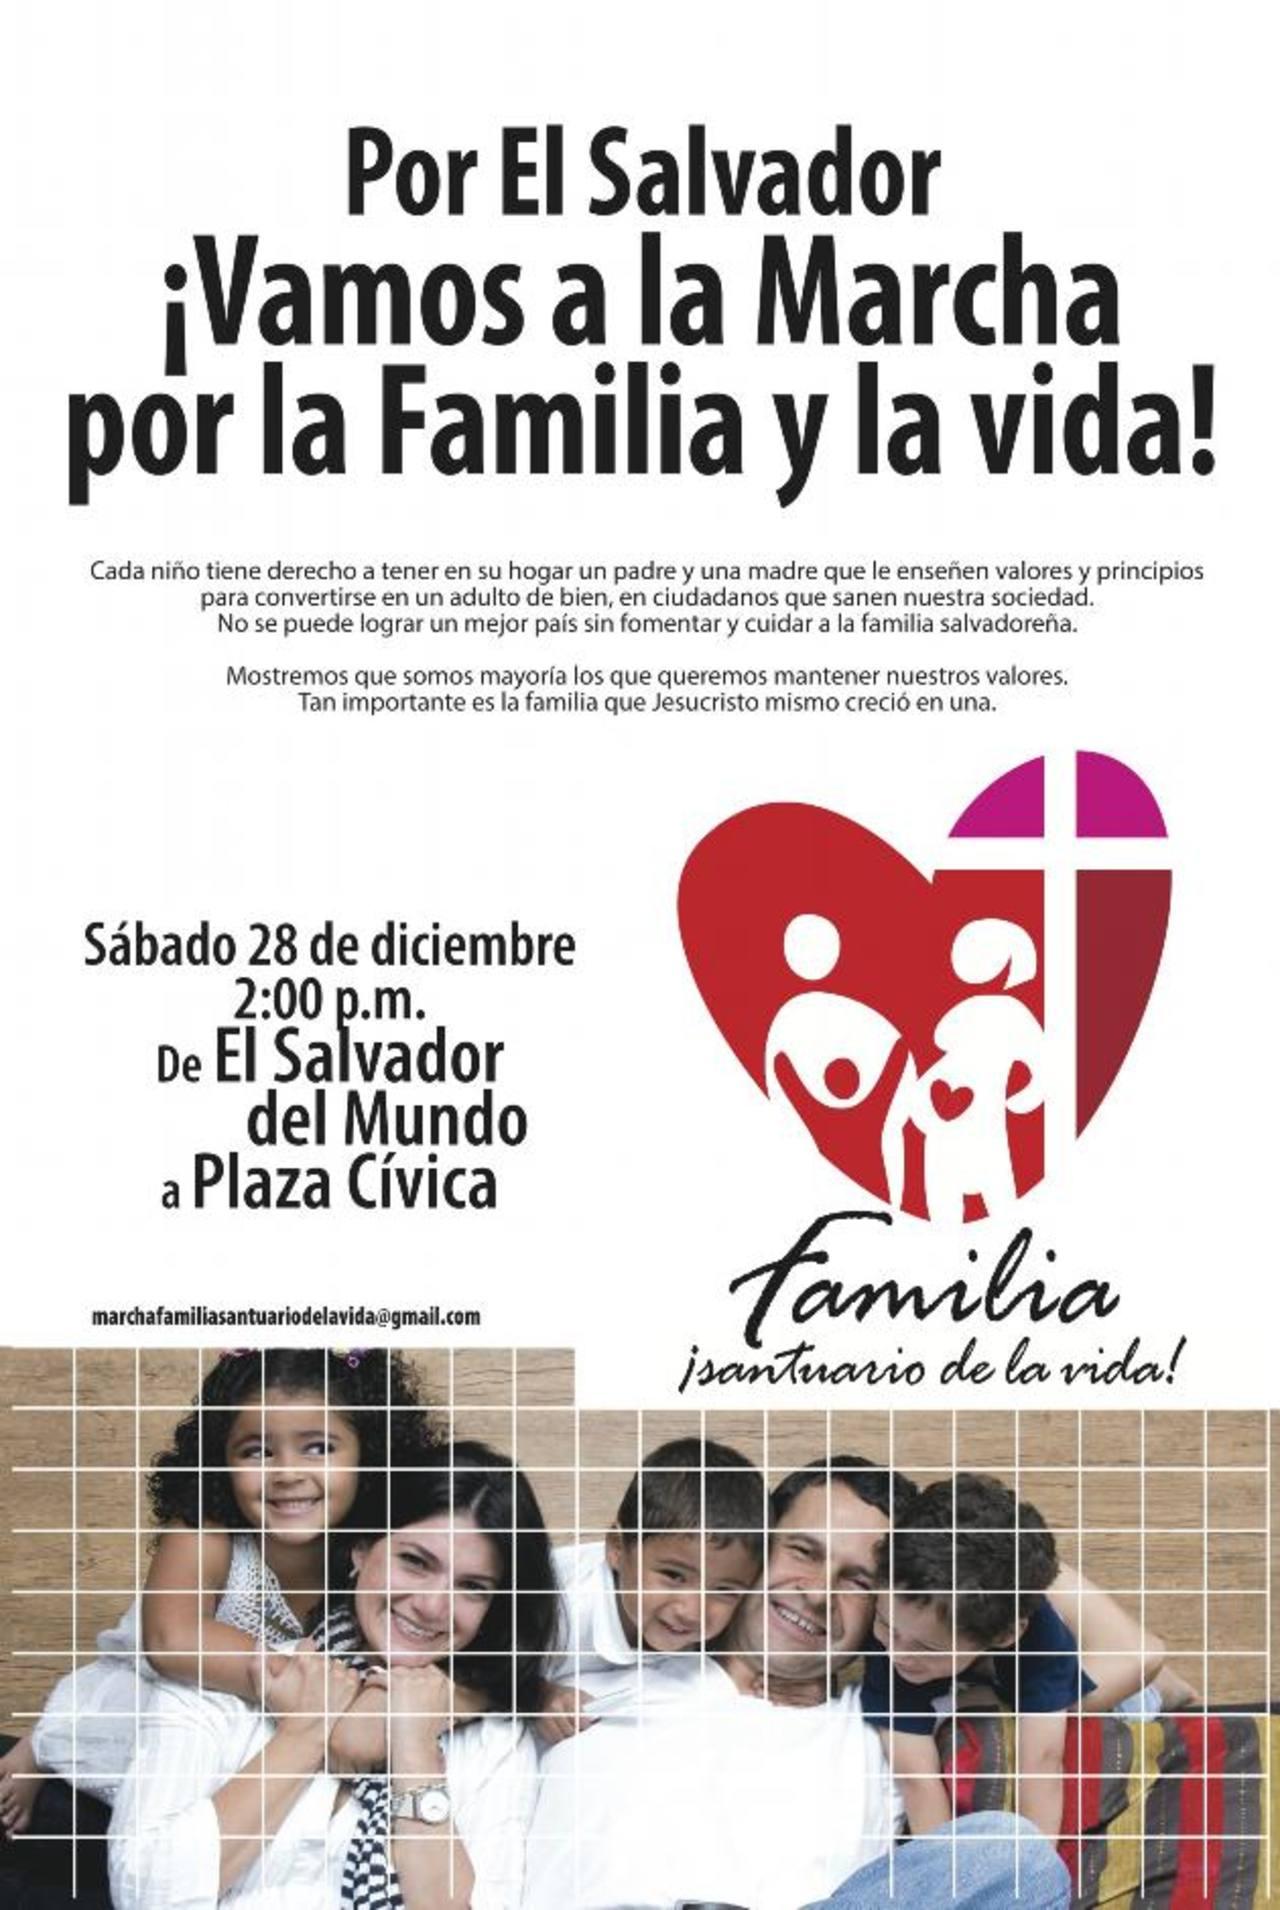 Este es el afiche que la Red de la Familia publicó para el gran evento de este día, donde habrá diversas actividades religiosas. Foto EDH